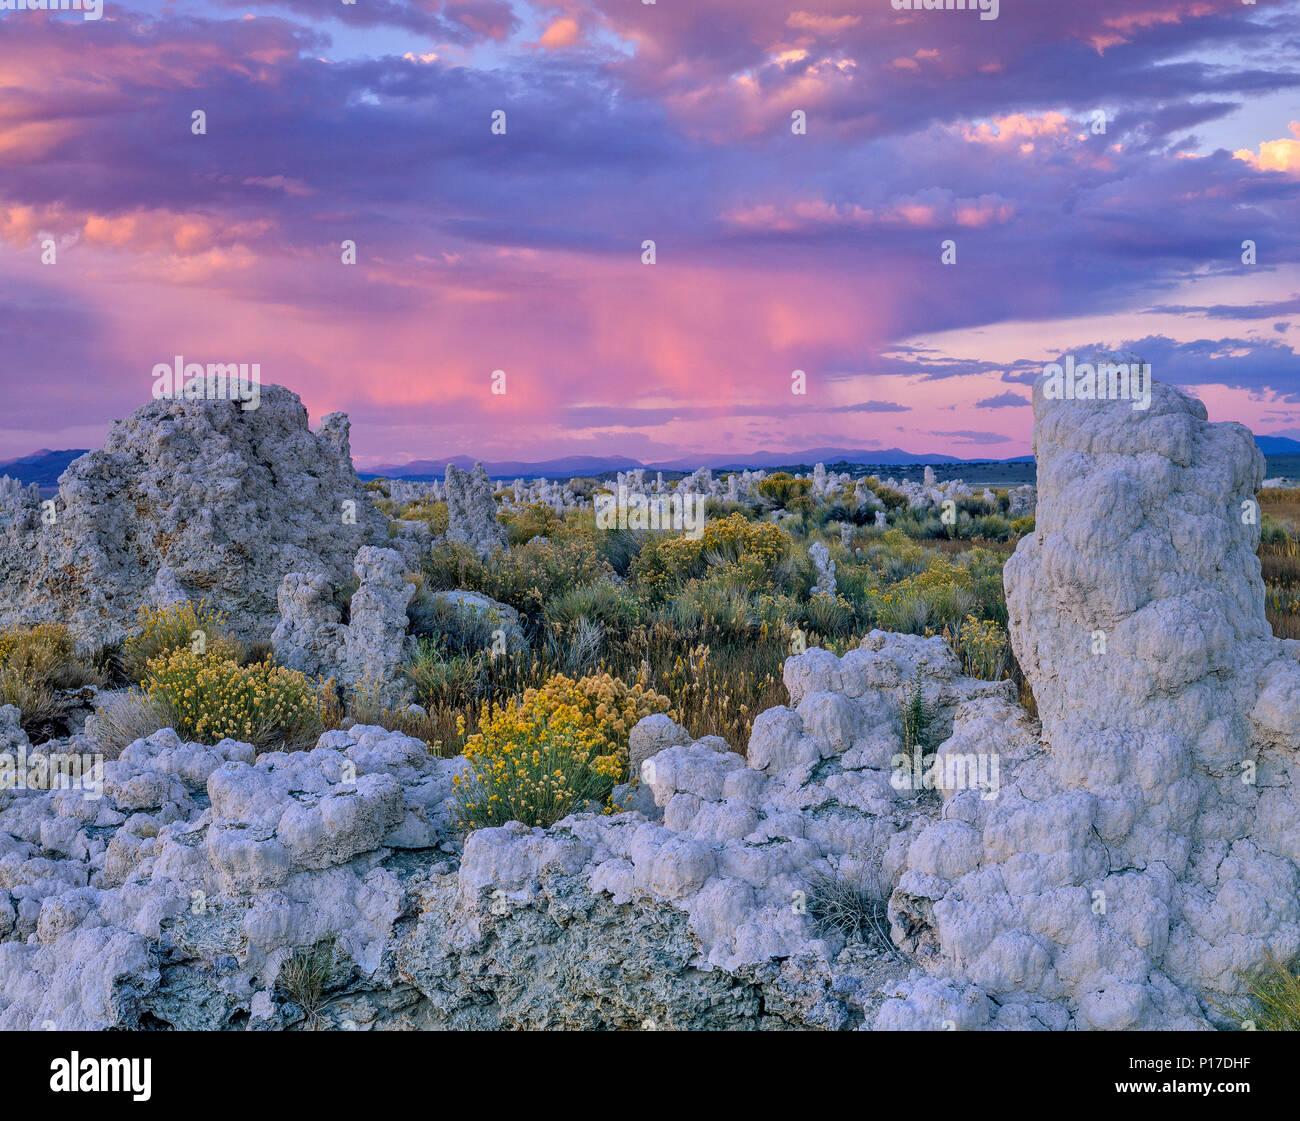 Sonnenuntergang, Tuffstein Formationen, Mono Lake, Mono Basin National Forest Scenic Area, Inyo National Forest, östlichen Sierra, Kalifornien Stockbild